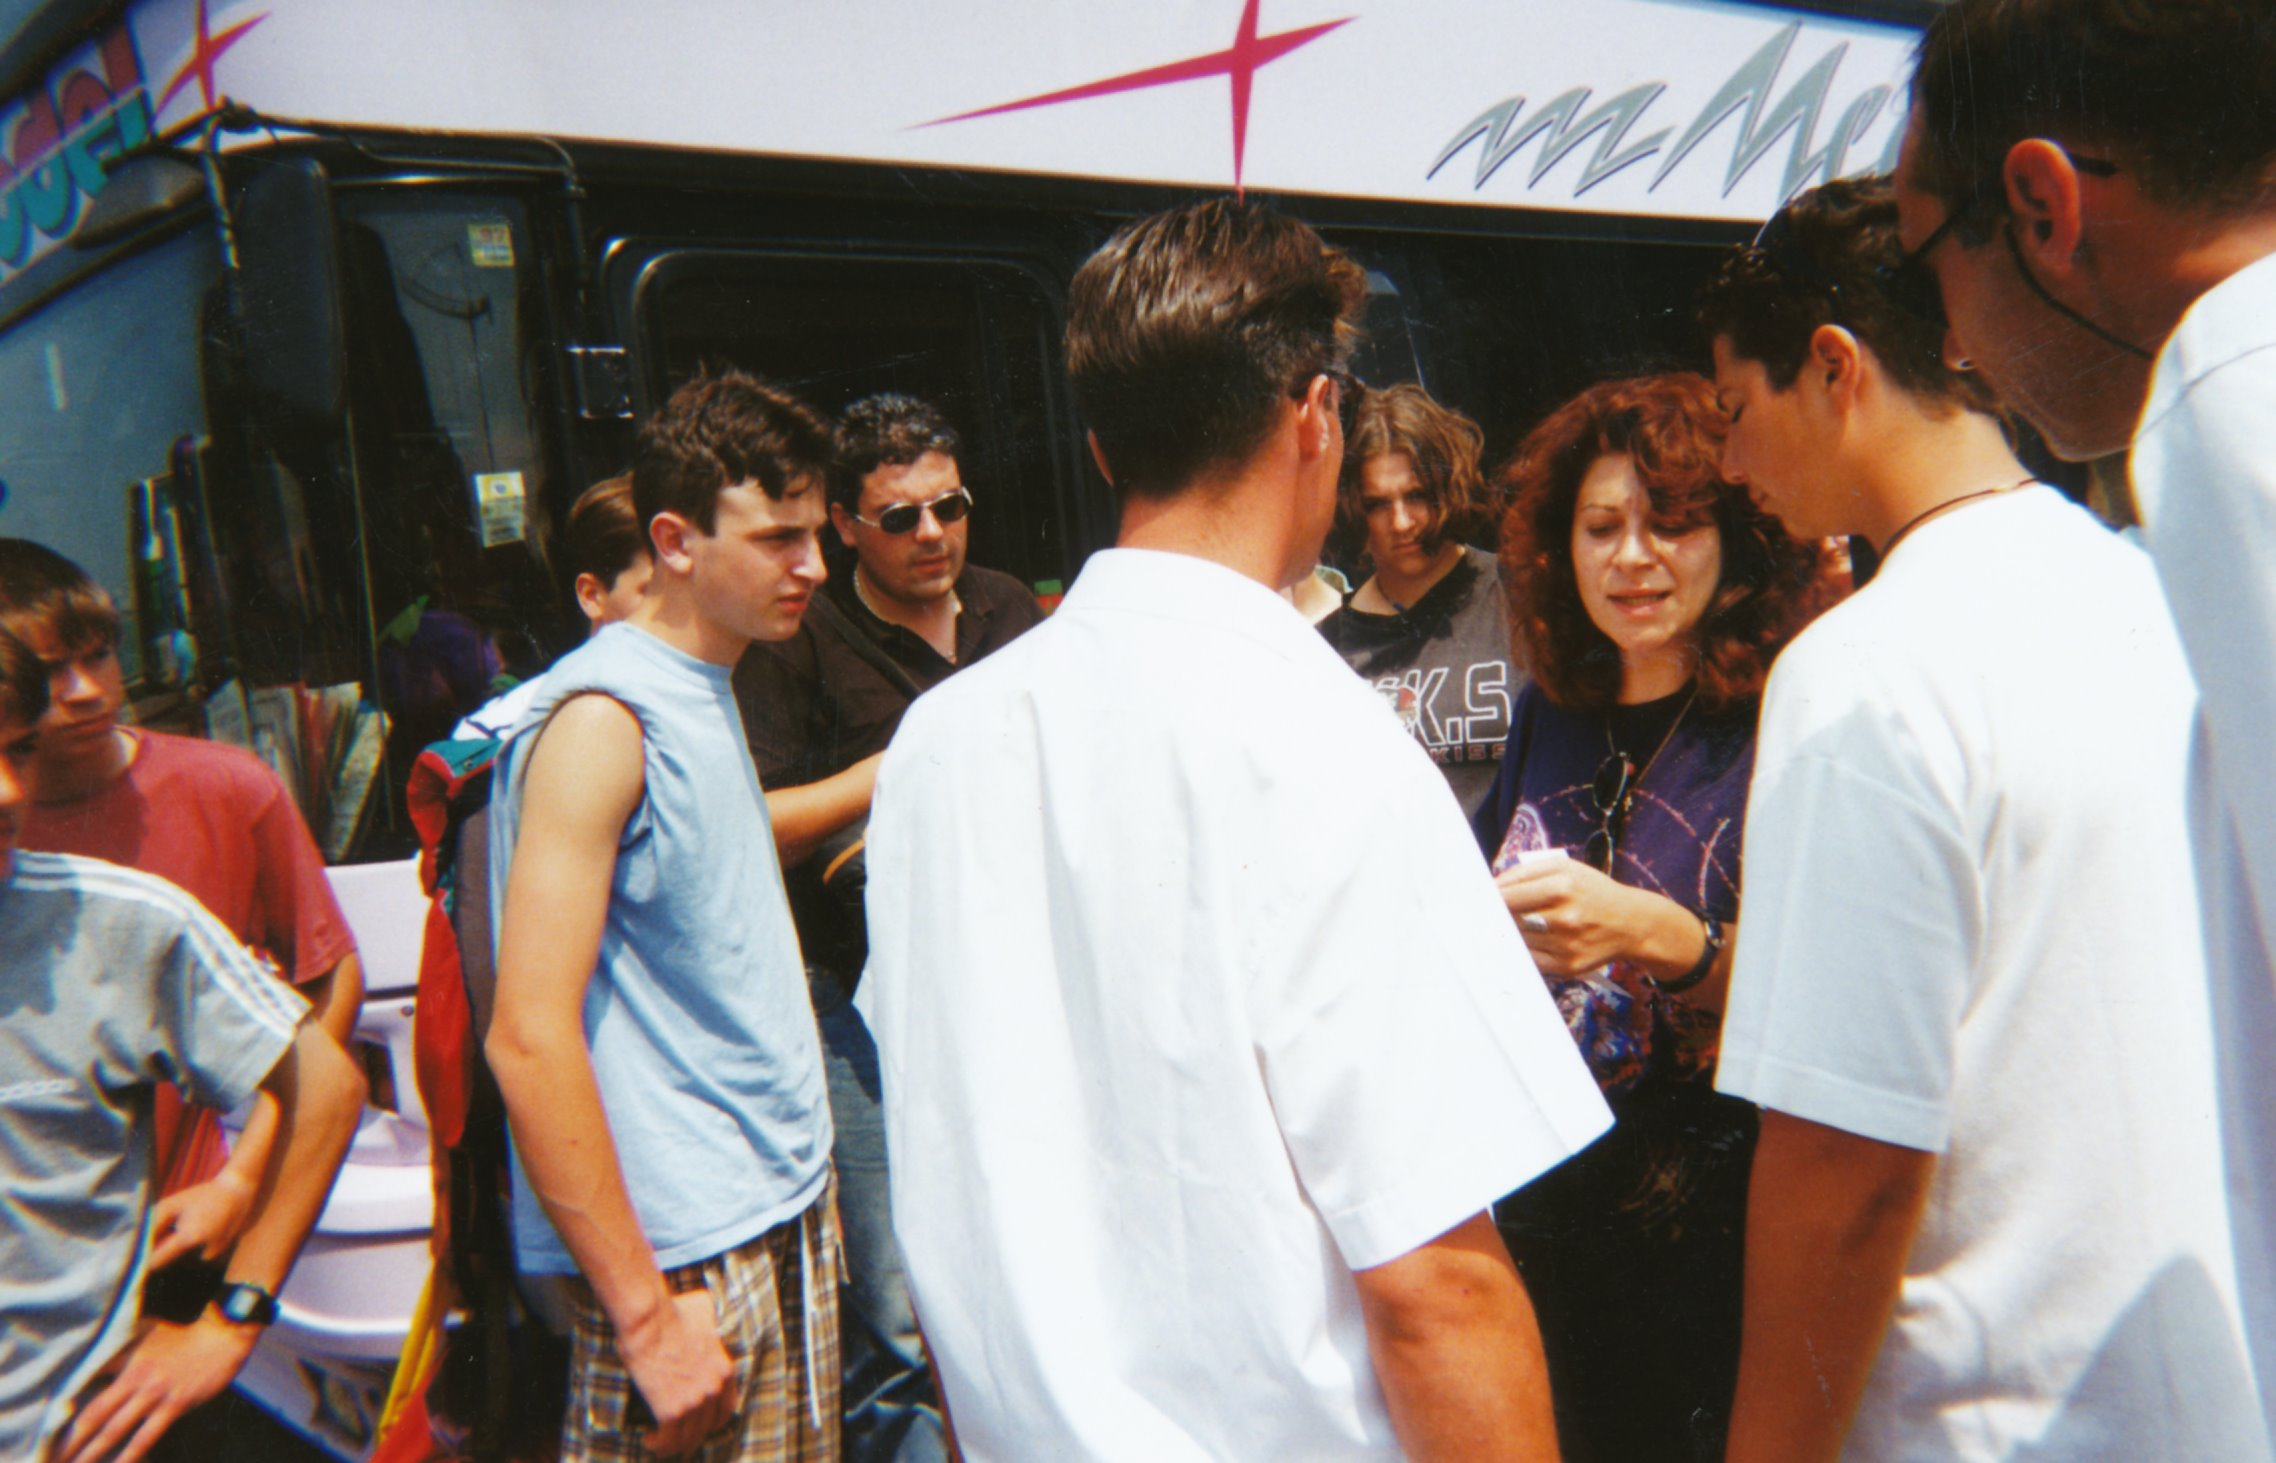 Archives anciens élèves mfr puy-sec 1997 (4)